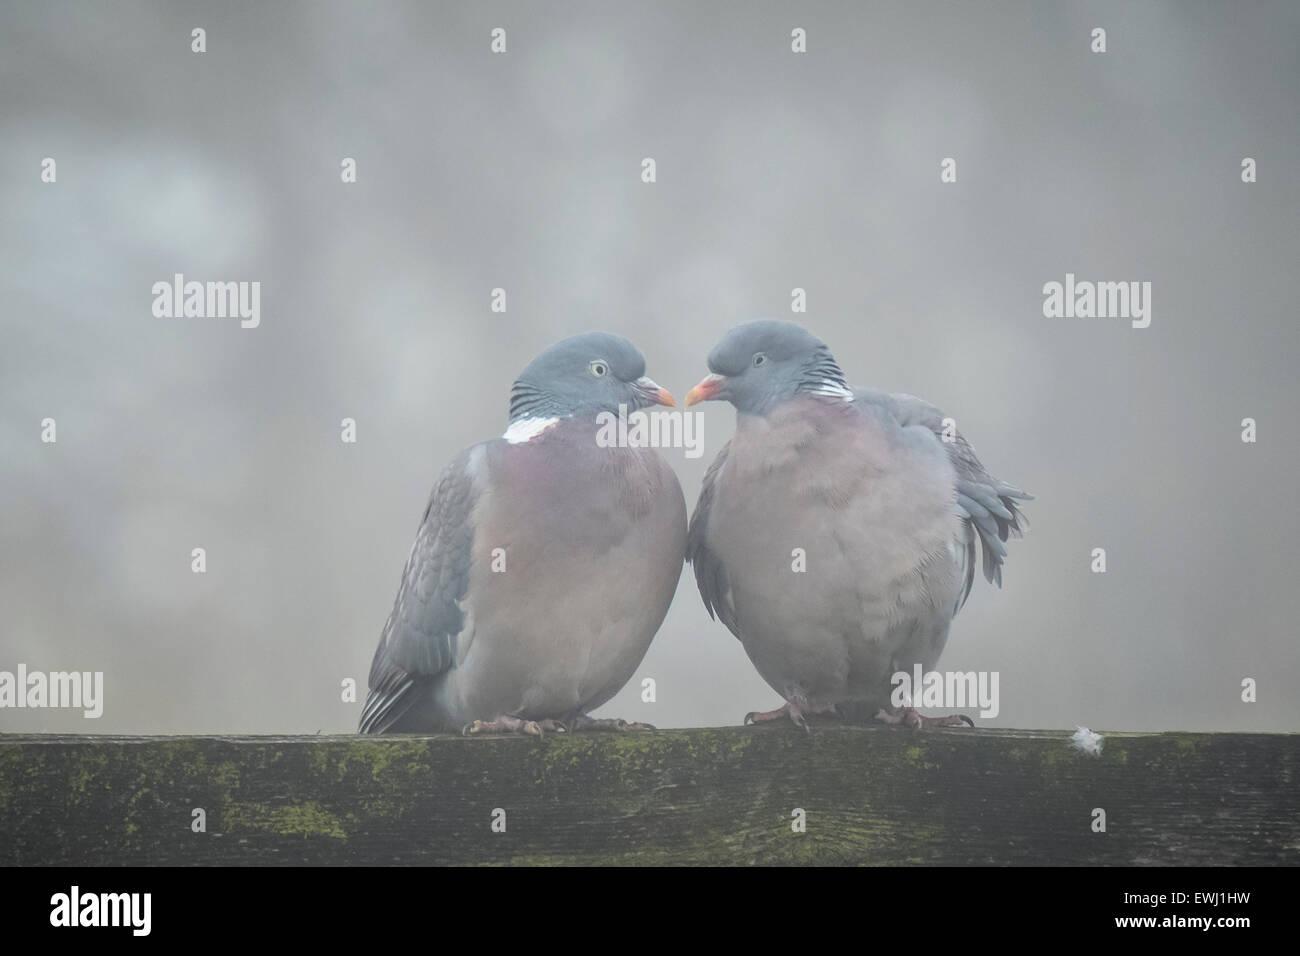 Zwei Tauben in einer grauen und kalten Umgebung flirten, bilden sie die Form eines Herzens Stockbild